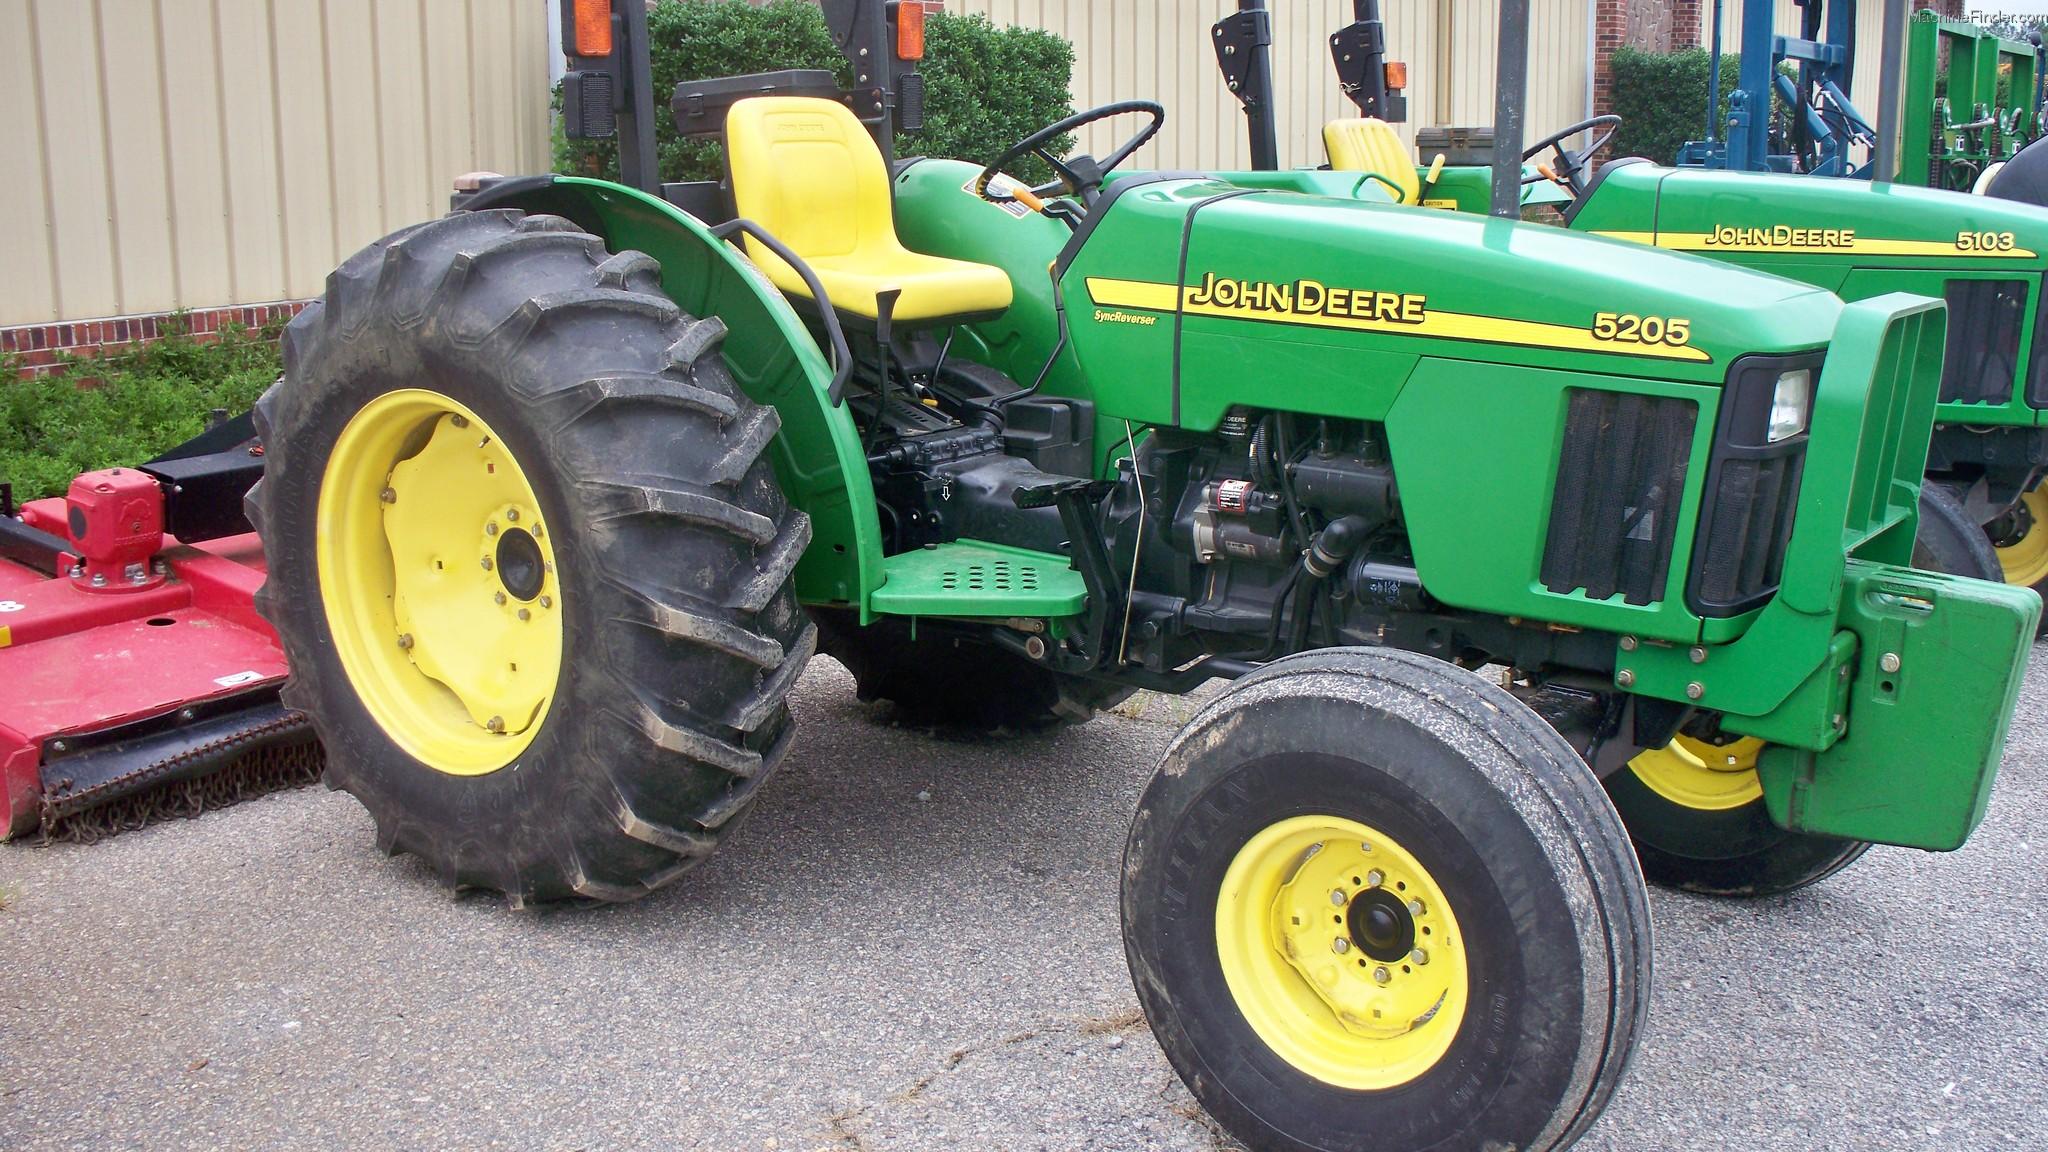 John Deere 5205 Tractor Utility Tractors. 2004 John Deere 5205 Tractors Utility 40100hp. John Deere. John Deere 5205 Pto Diagram At Scoala.co